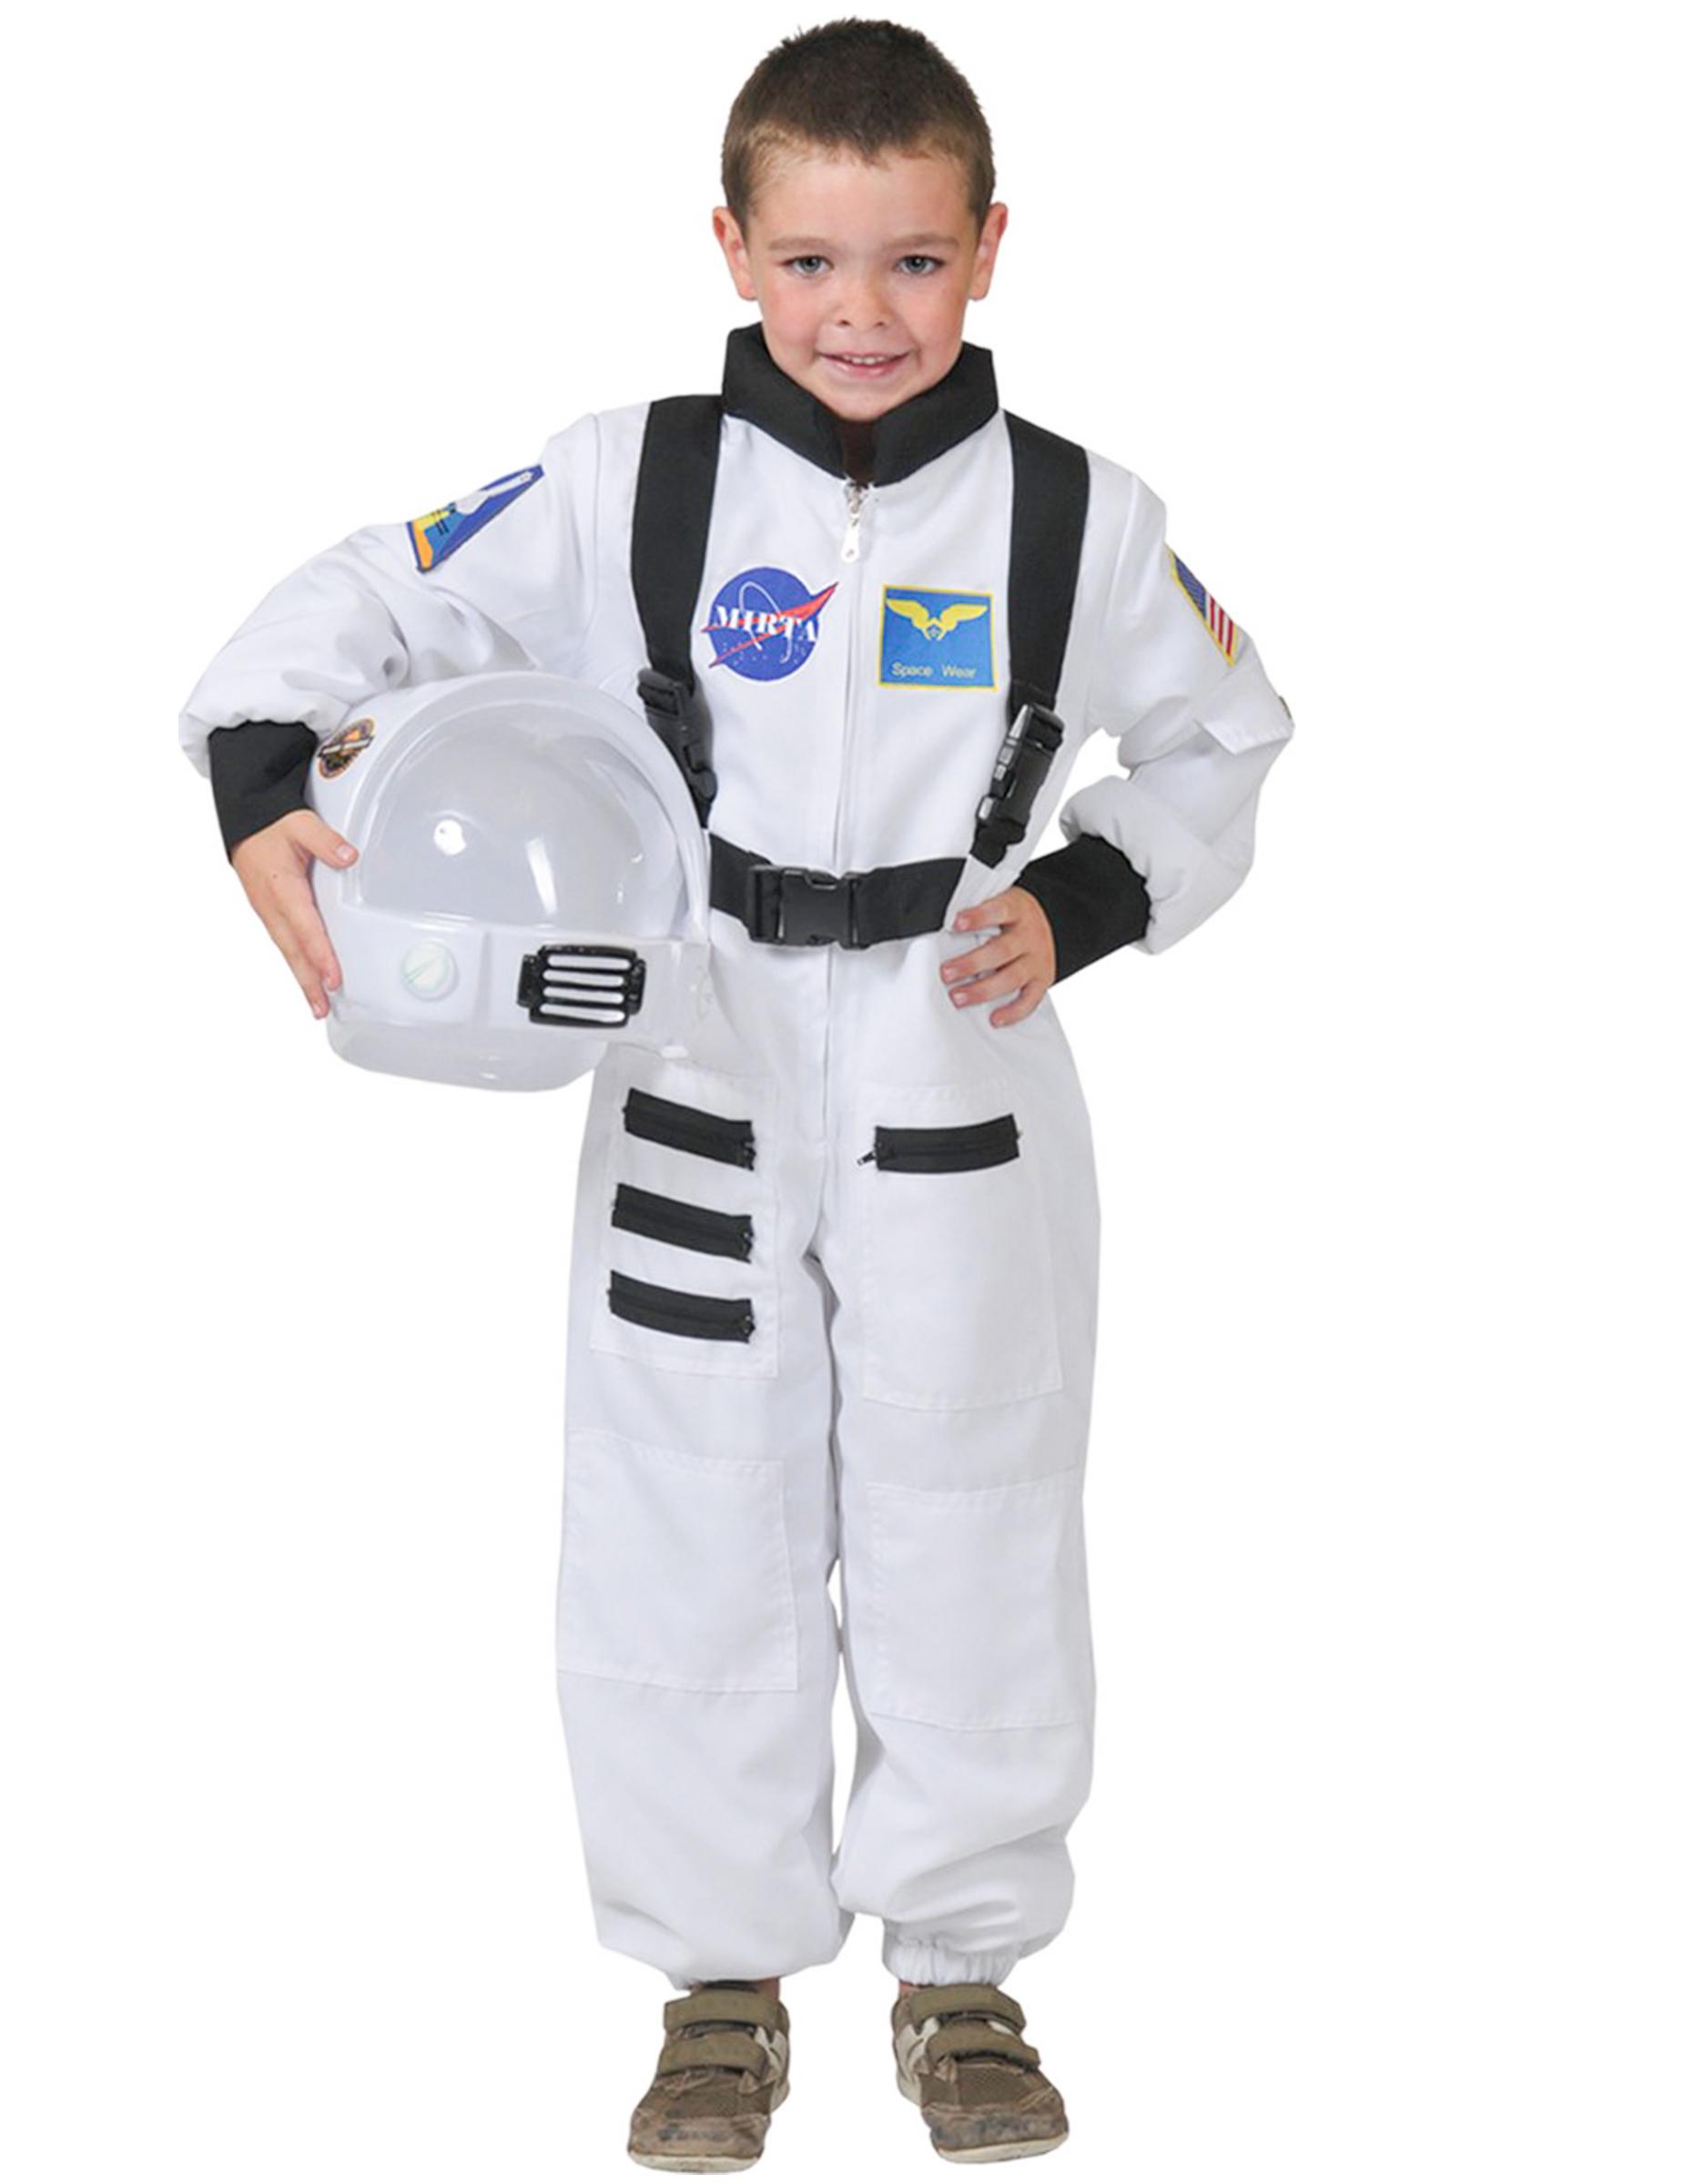 kinder astronauten kost m weiss blau schwarz g nstige. Black Bedroom Furniture Sets. Home Design Ideas